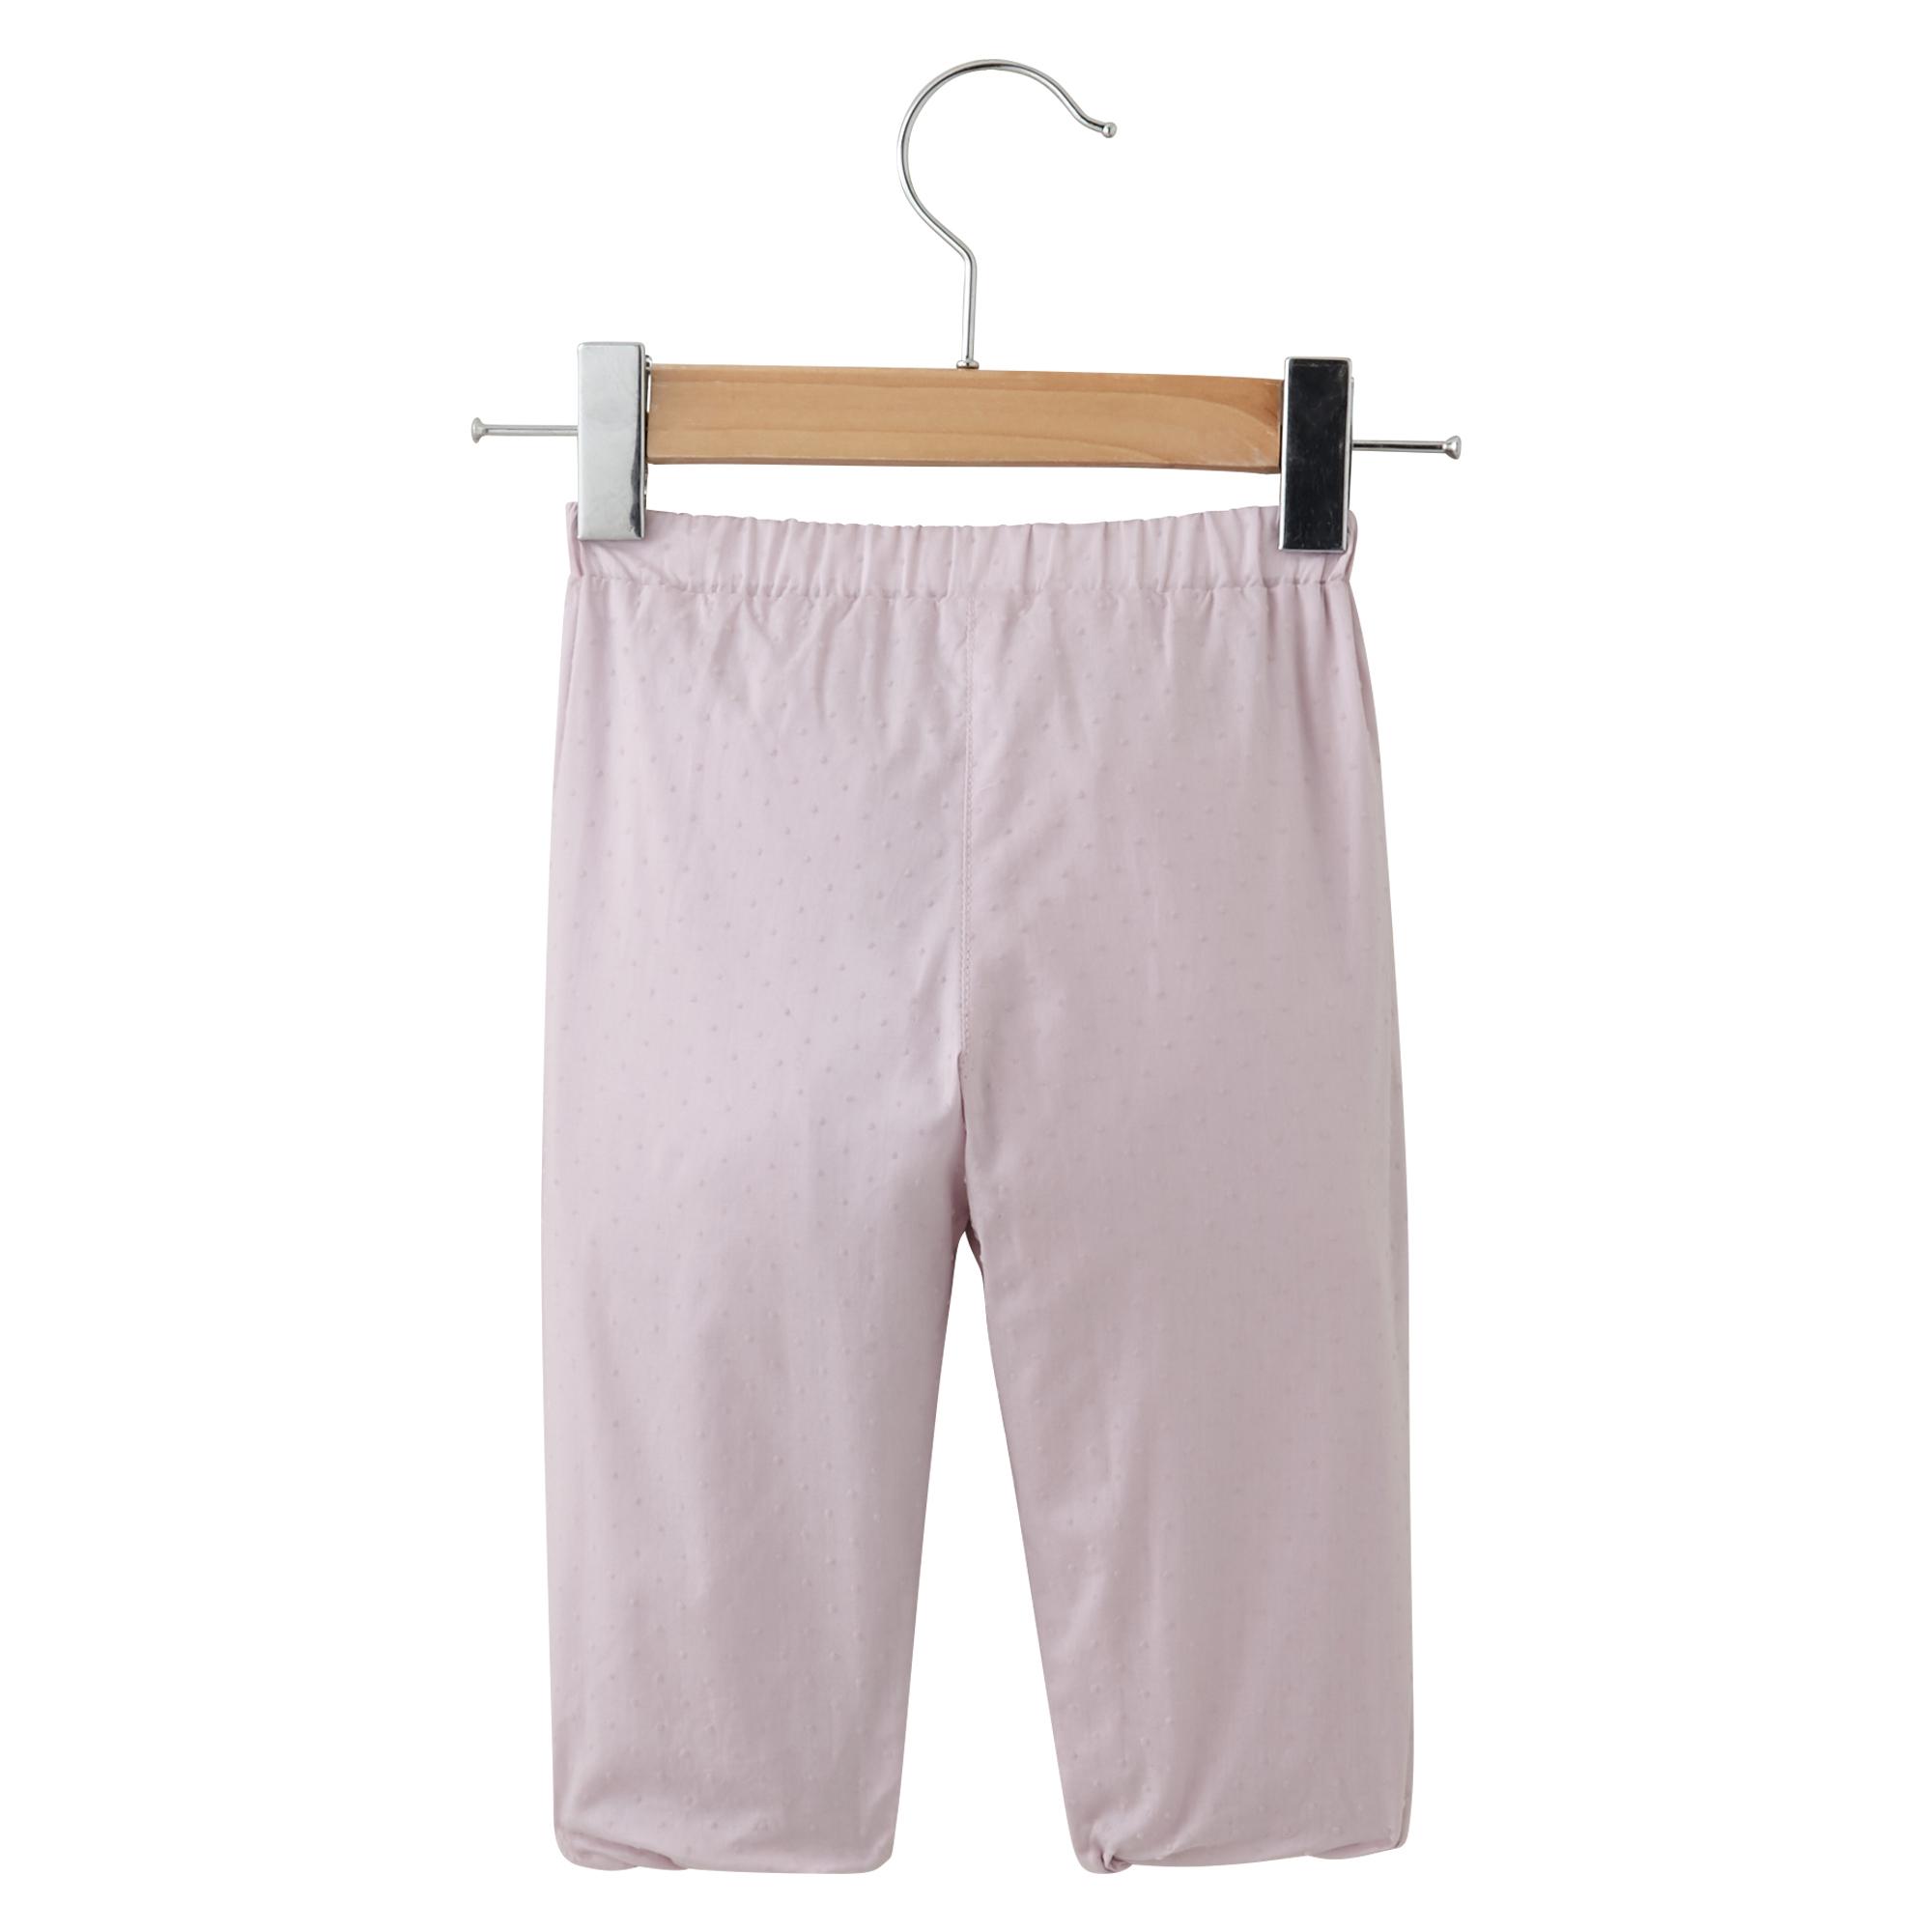 Mini Rose pantalon Rose  de P'tit bisou